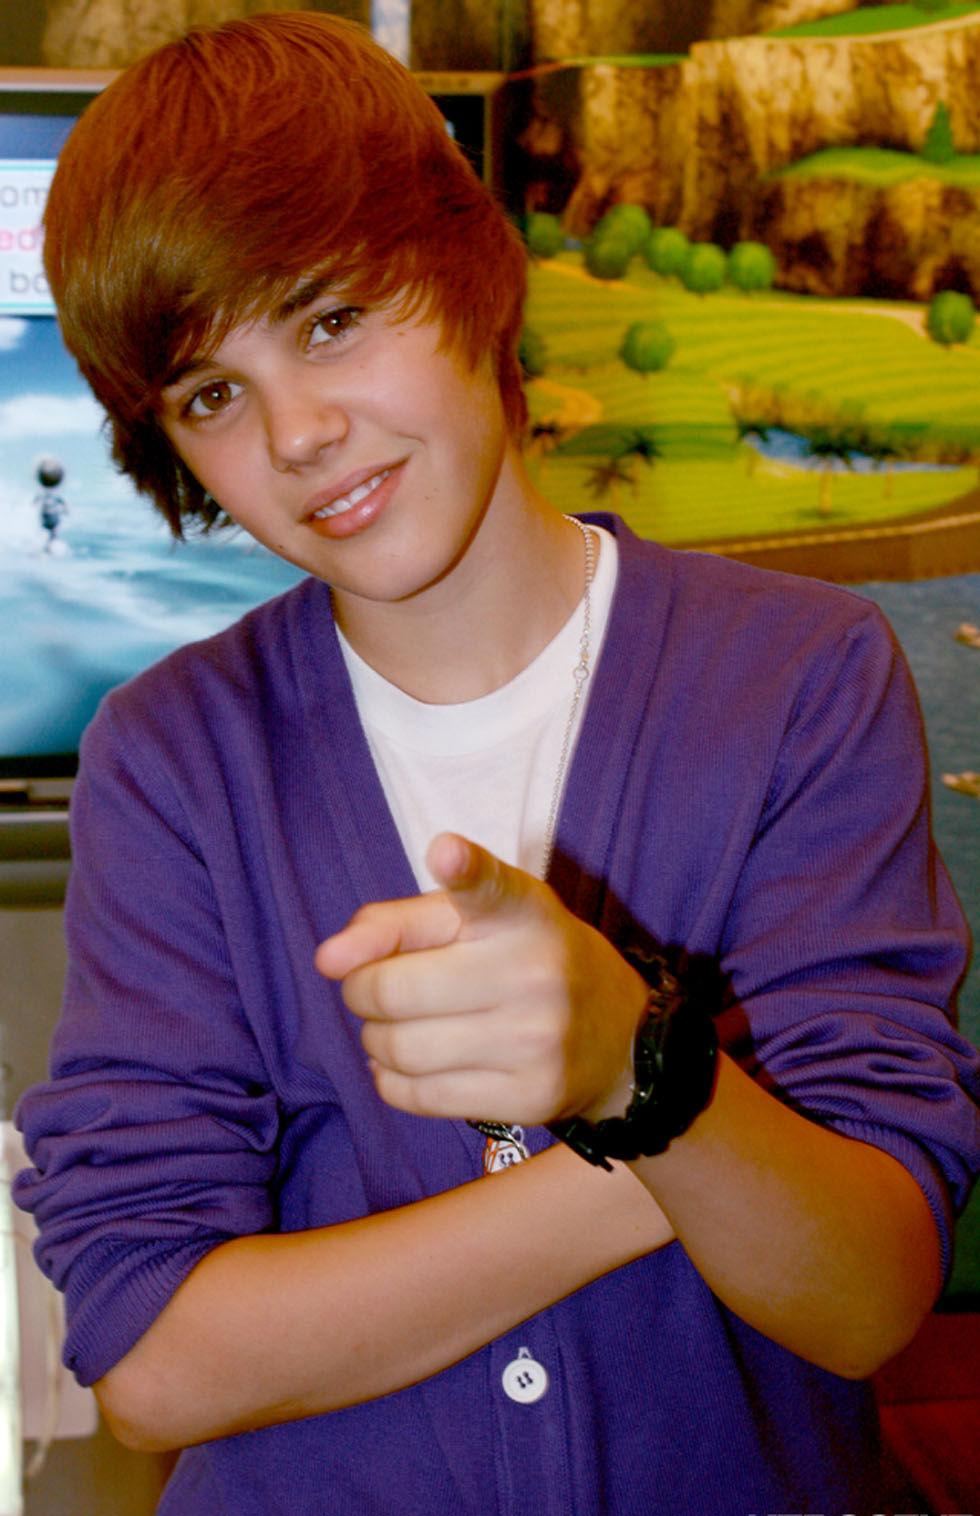 Justin Bieber snor fotografs minneskort